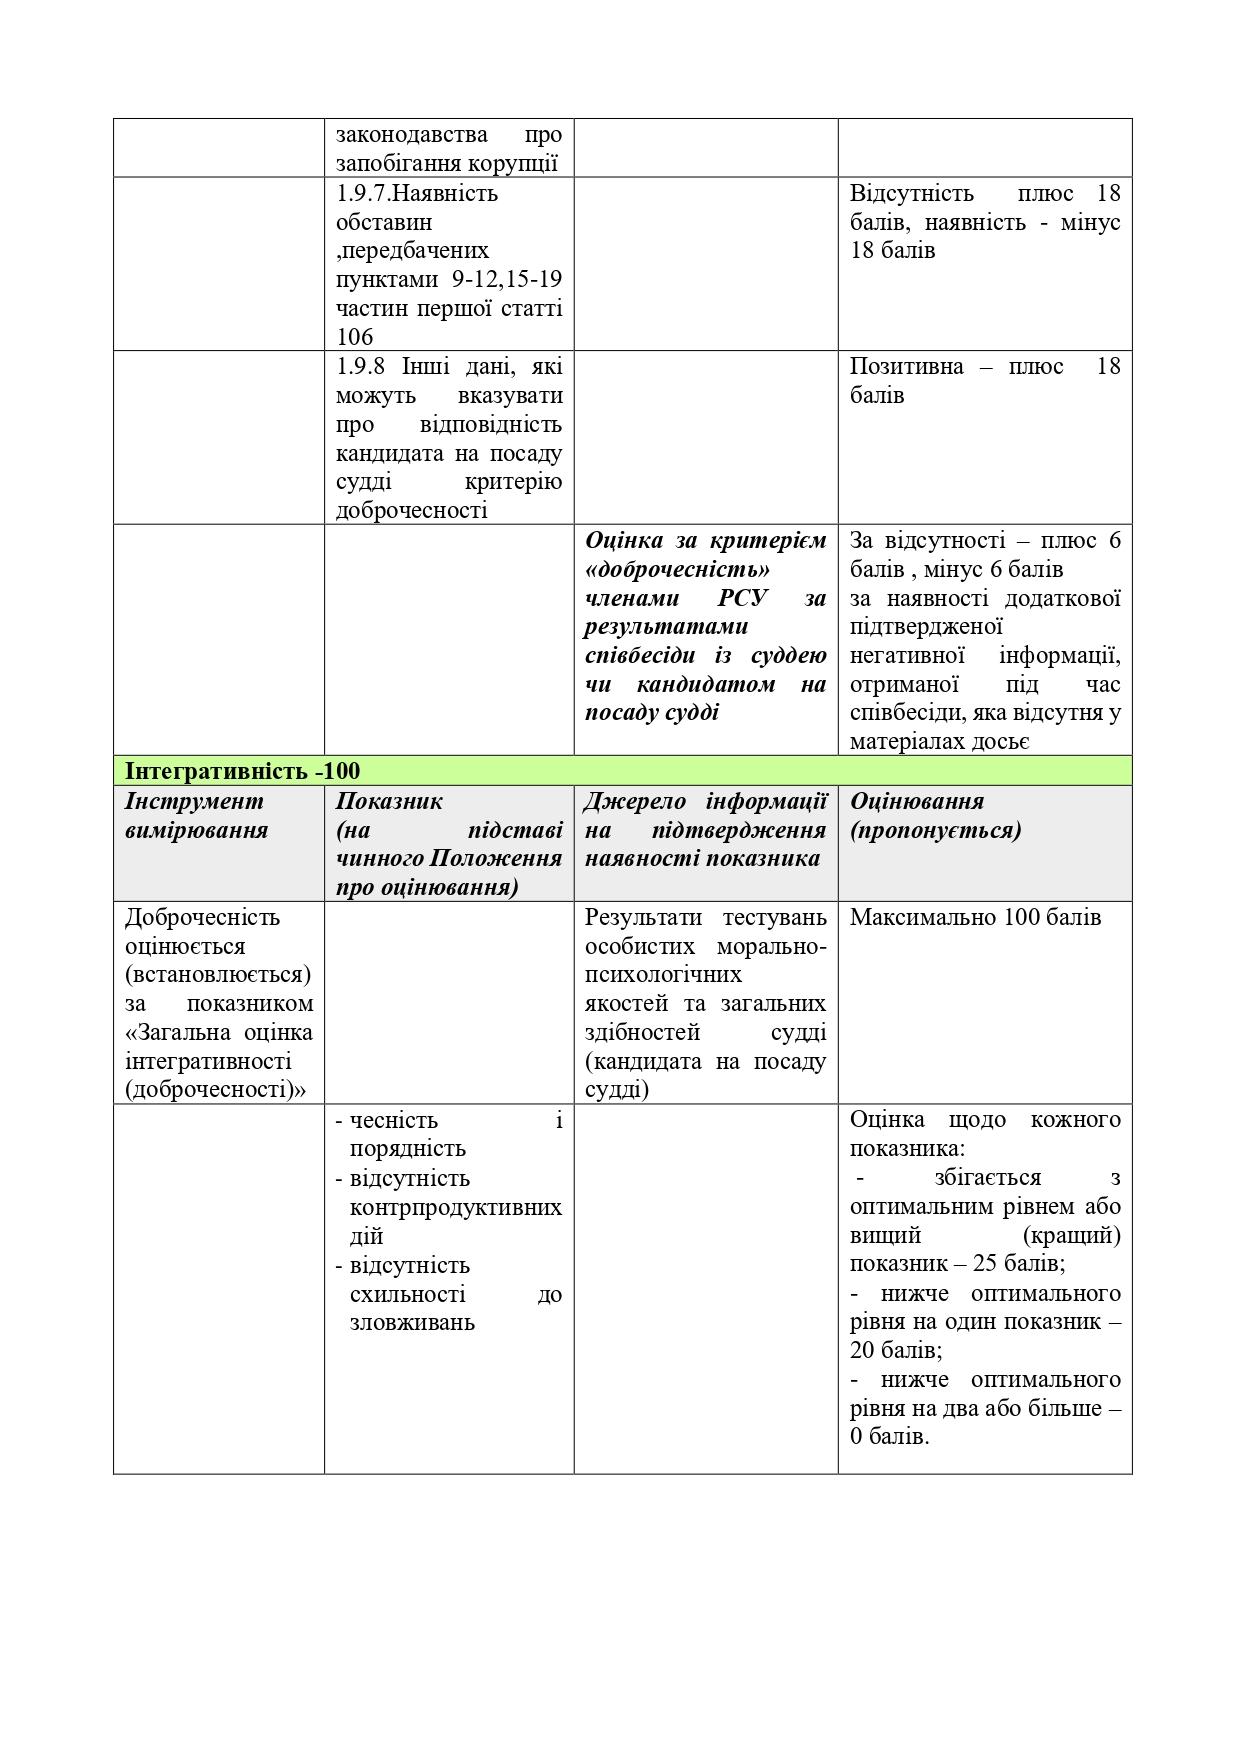 Висновок-АРССУ-щодо-№ 3534-21.07.2020_page-0017